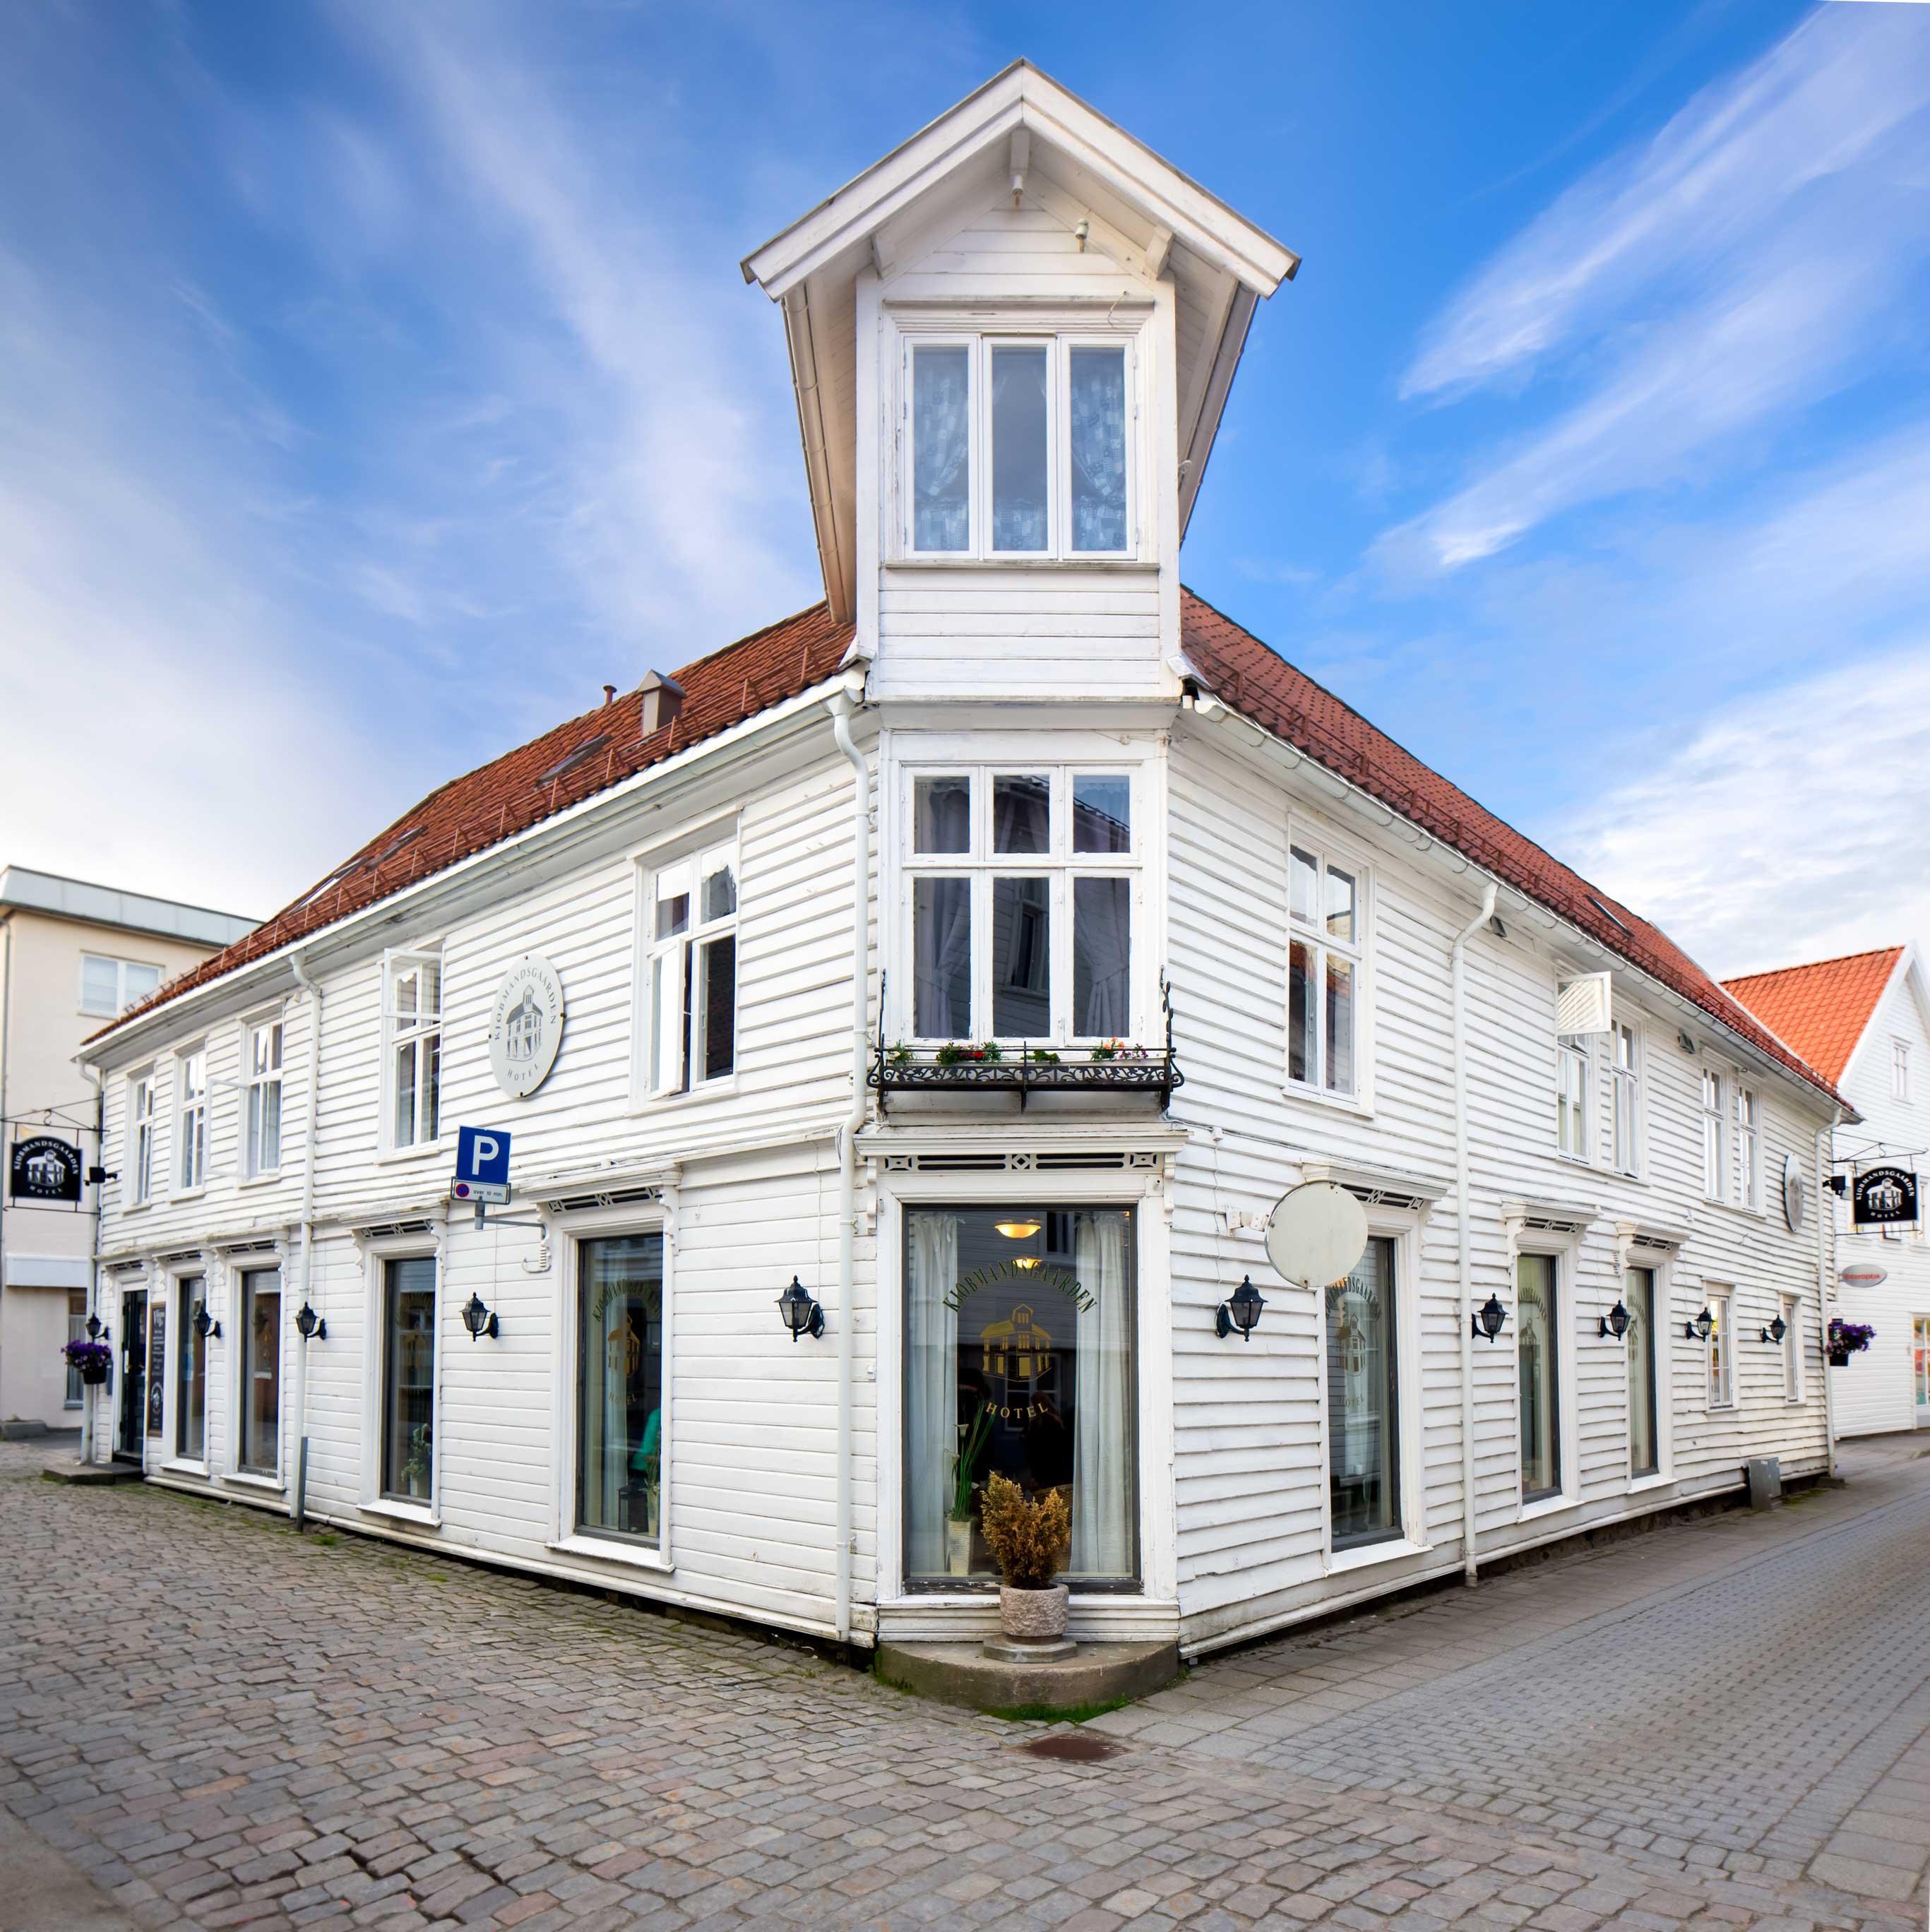 Kjøbmannsgaarden-hotel fasade